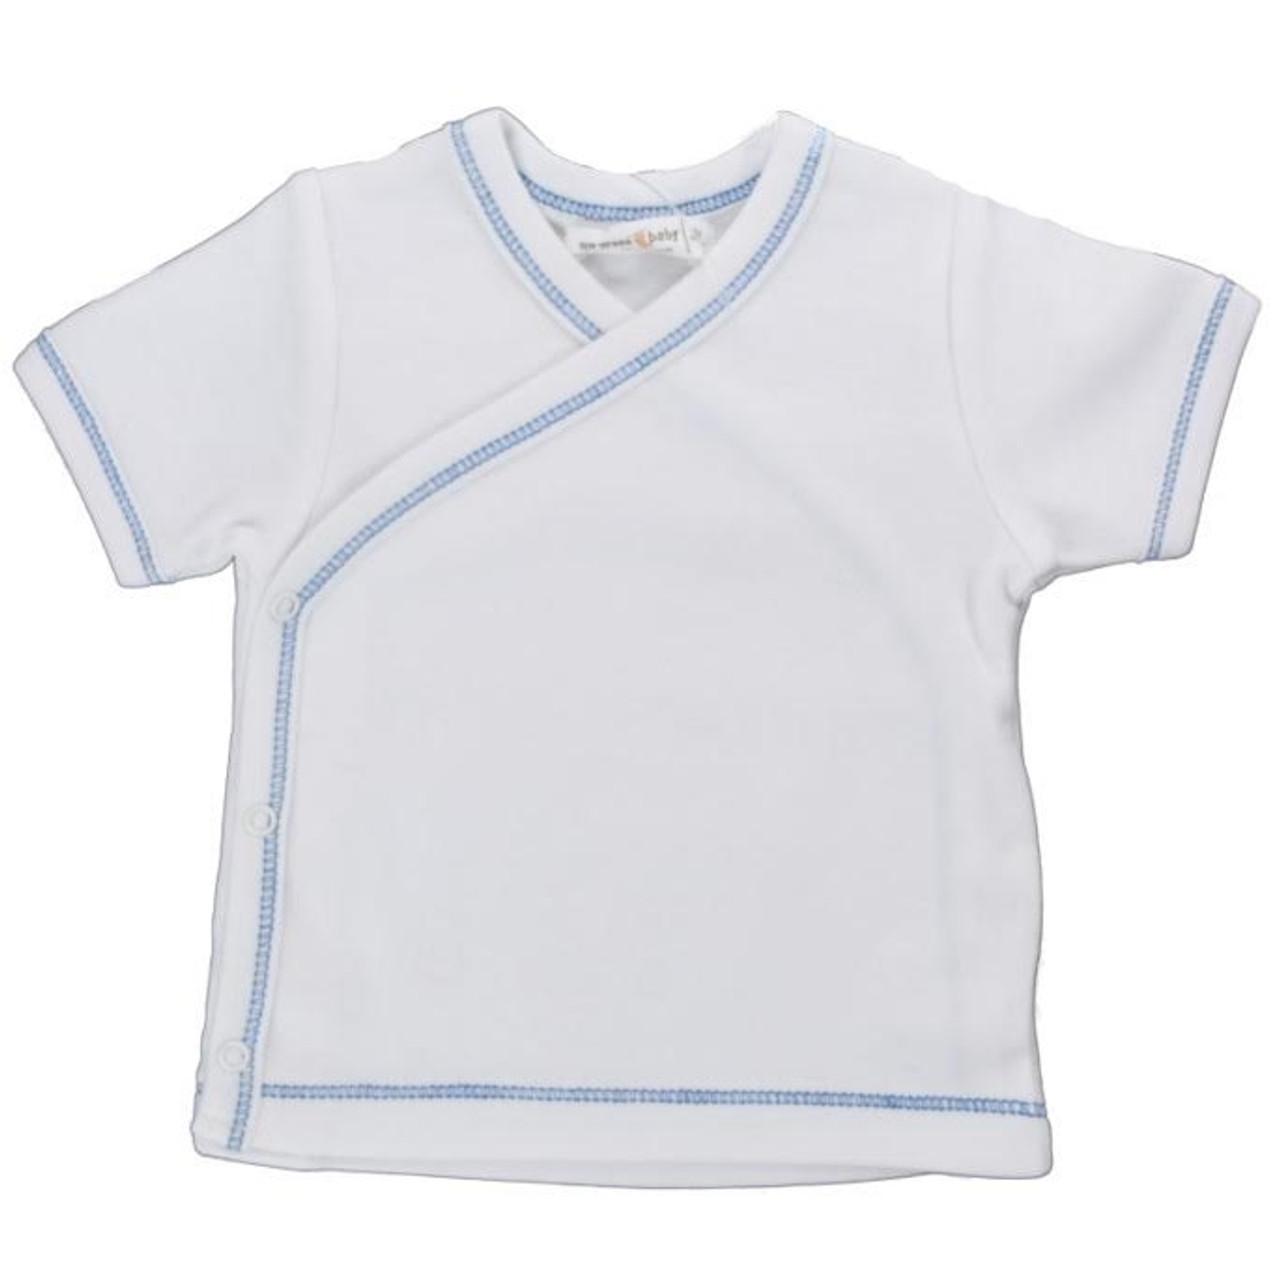 Organic Side Snap Shirt - Blue Stitching - 3-6m